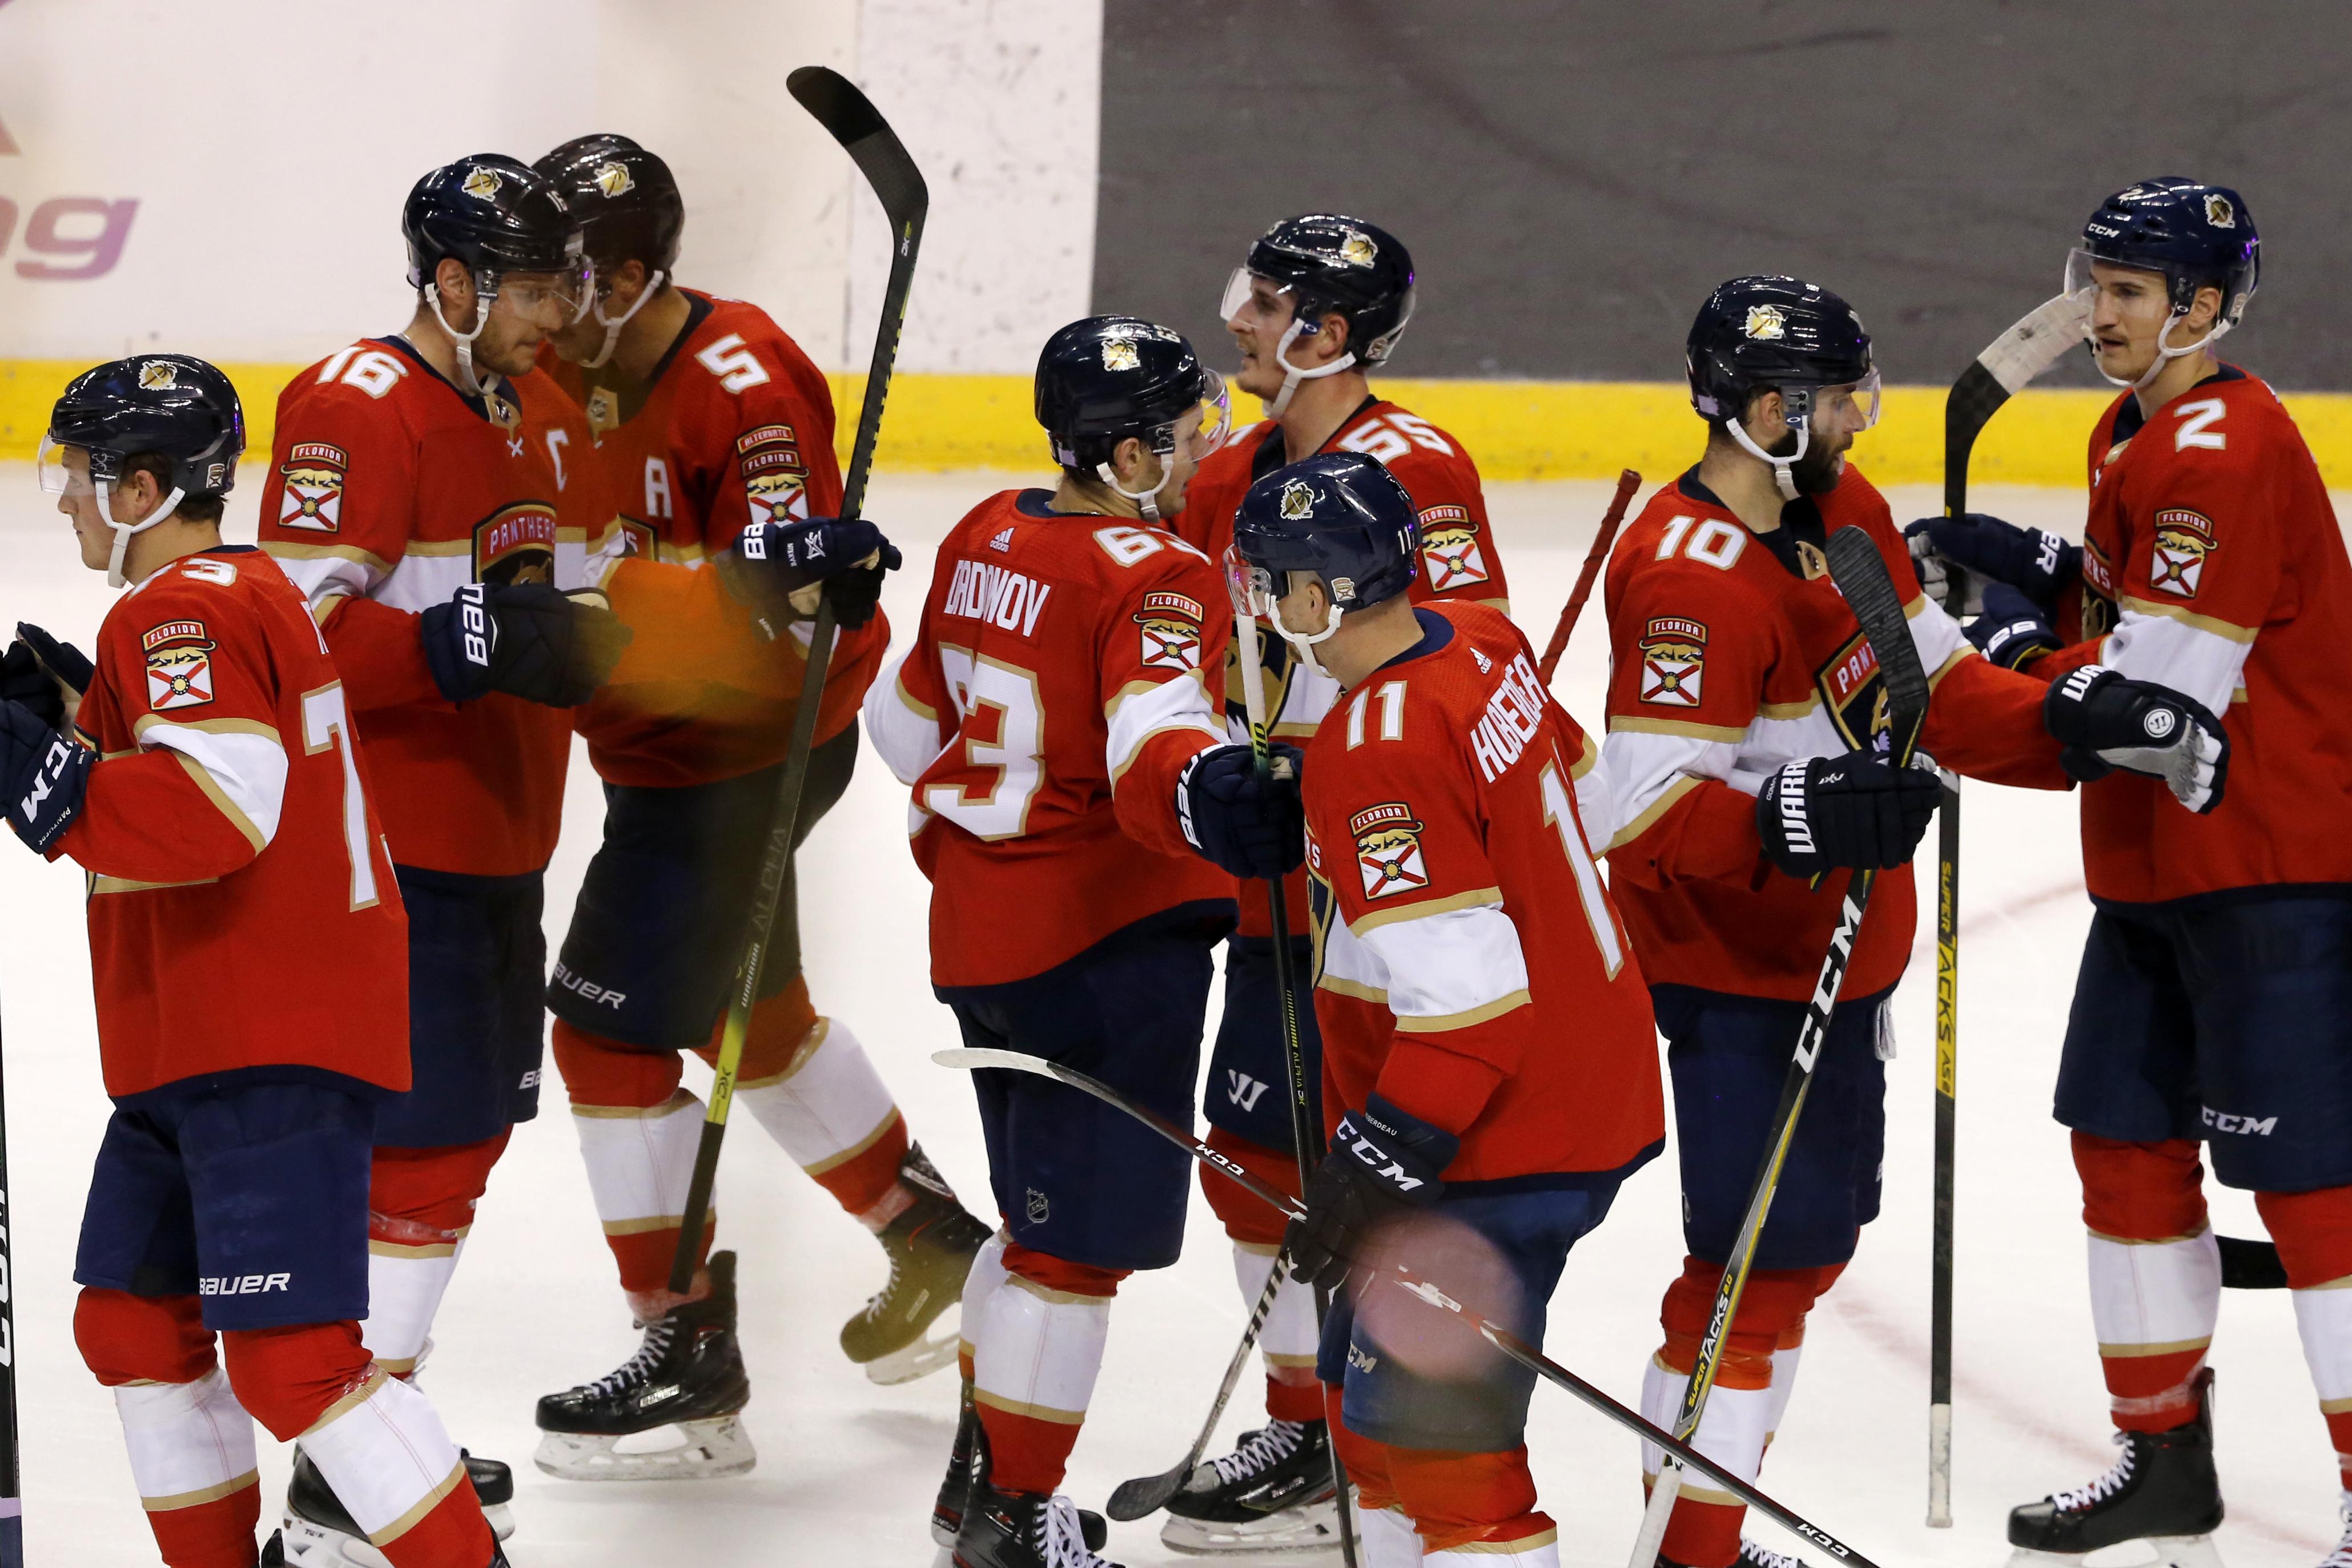 Dadonov scores 2 as Panthers beat Rangers 4-3